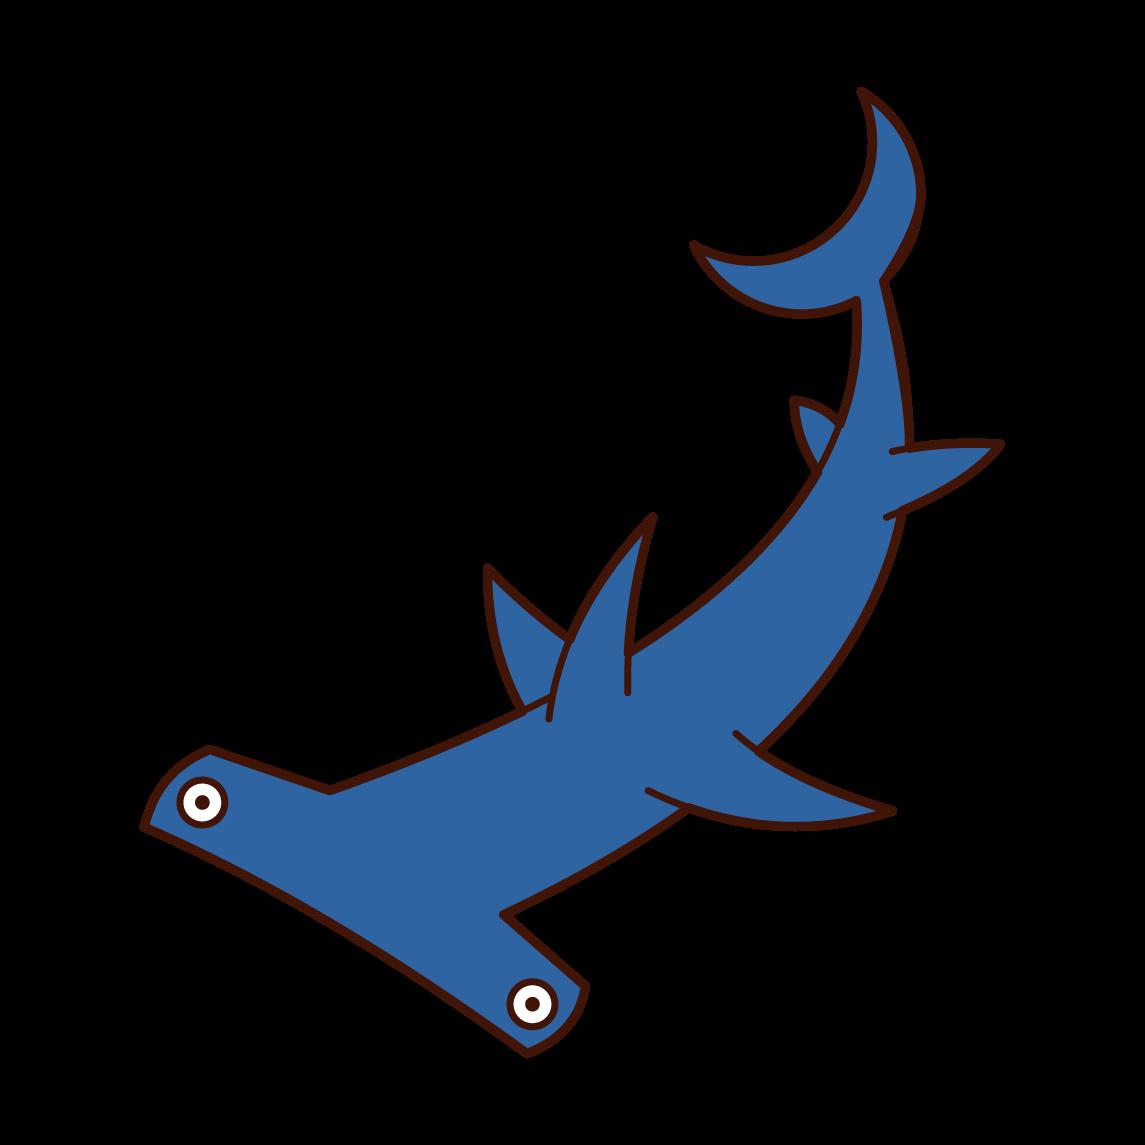 シュモクザメのイラスト